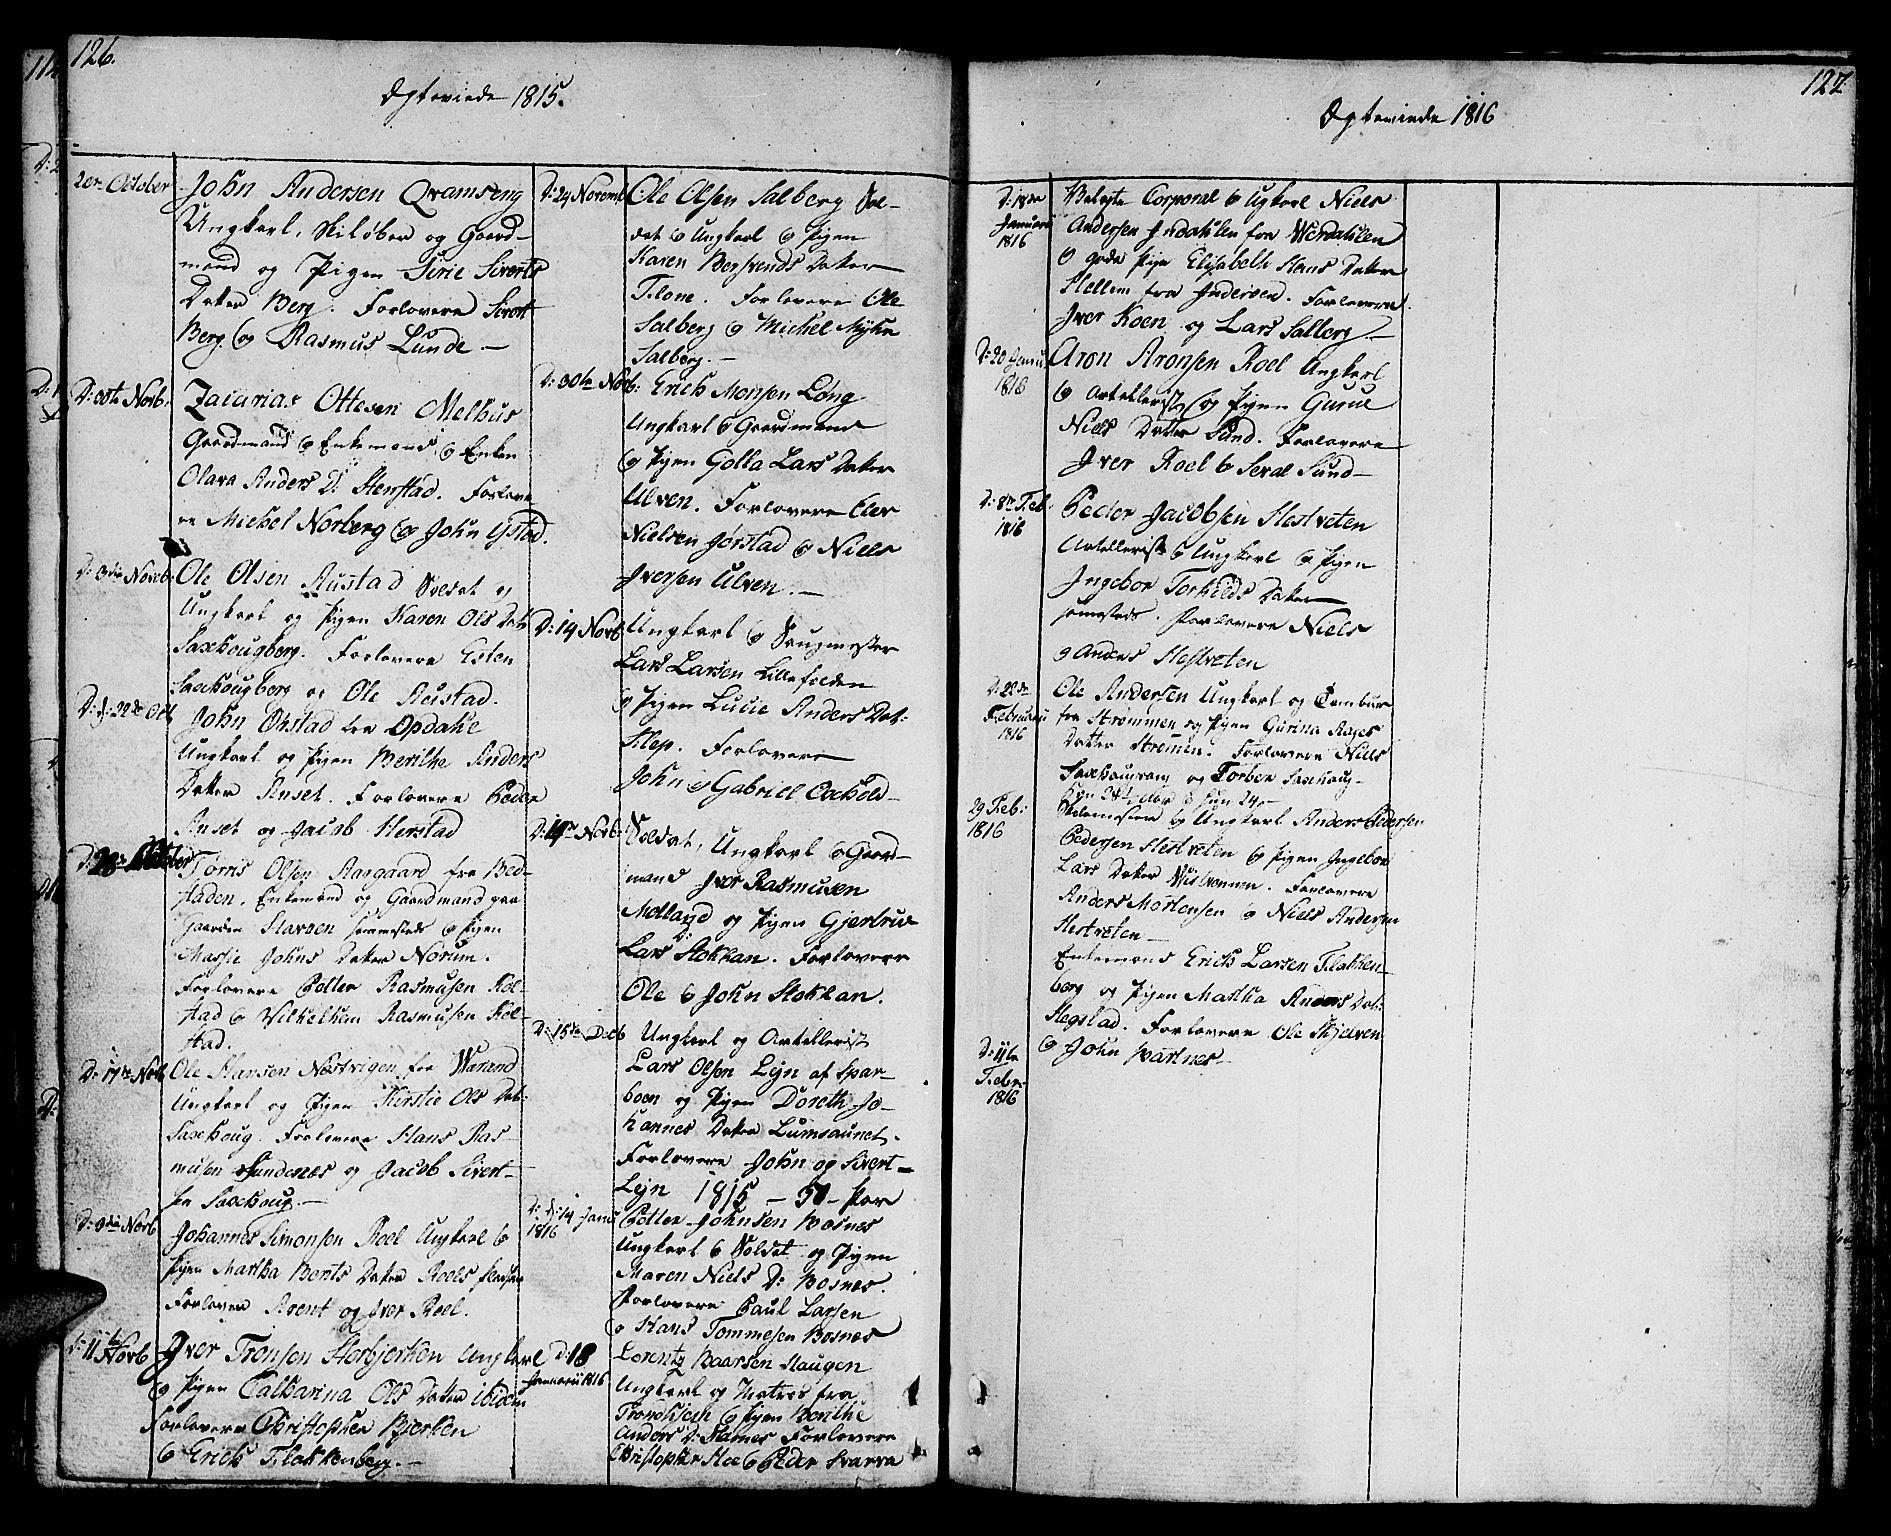 SAT, Ministerialprotokoller, klokkerbøker og fødselsregistre - Nord-Trøndelag, 730/L0274: Ministerialbok nr. 730A03, 1802-1816, s. 126-127